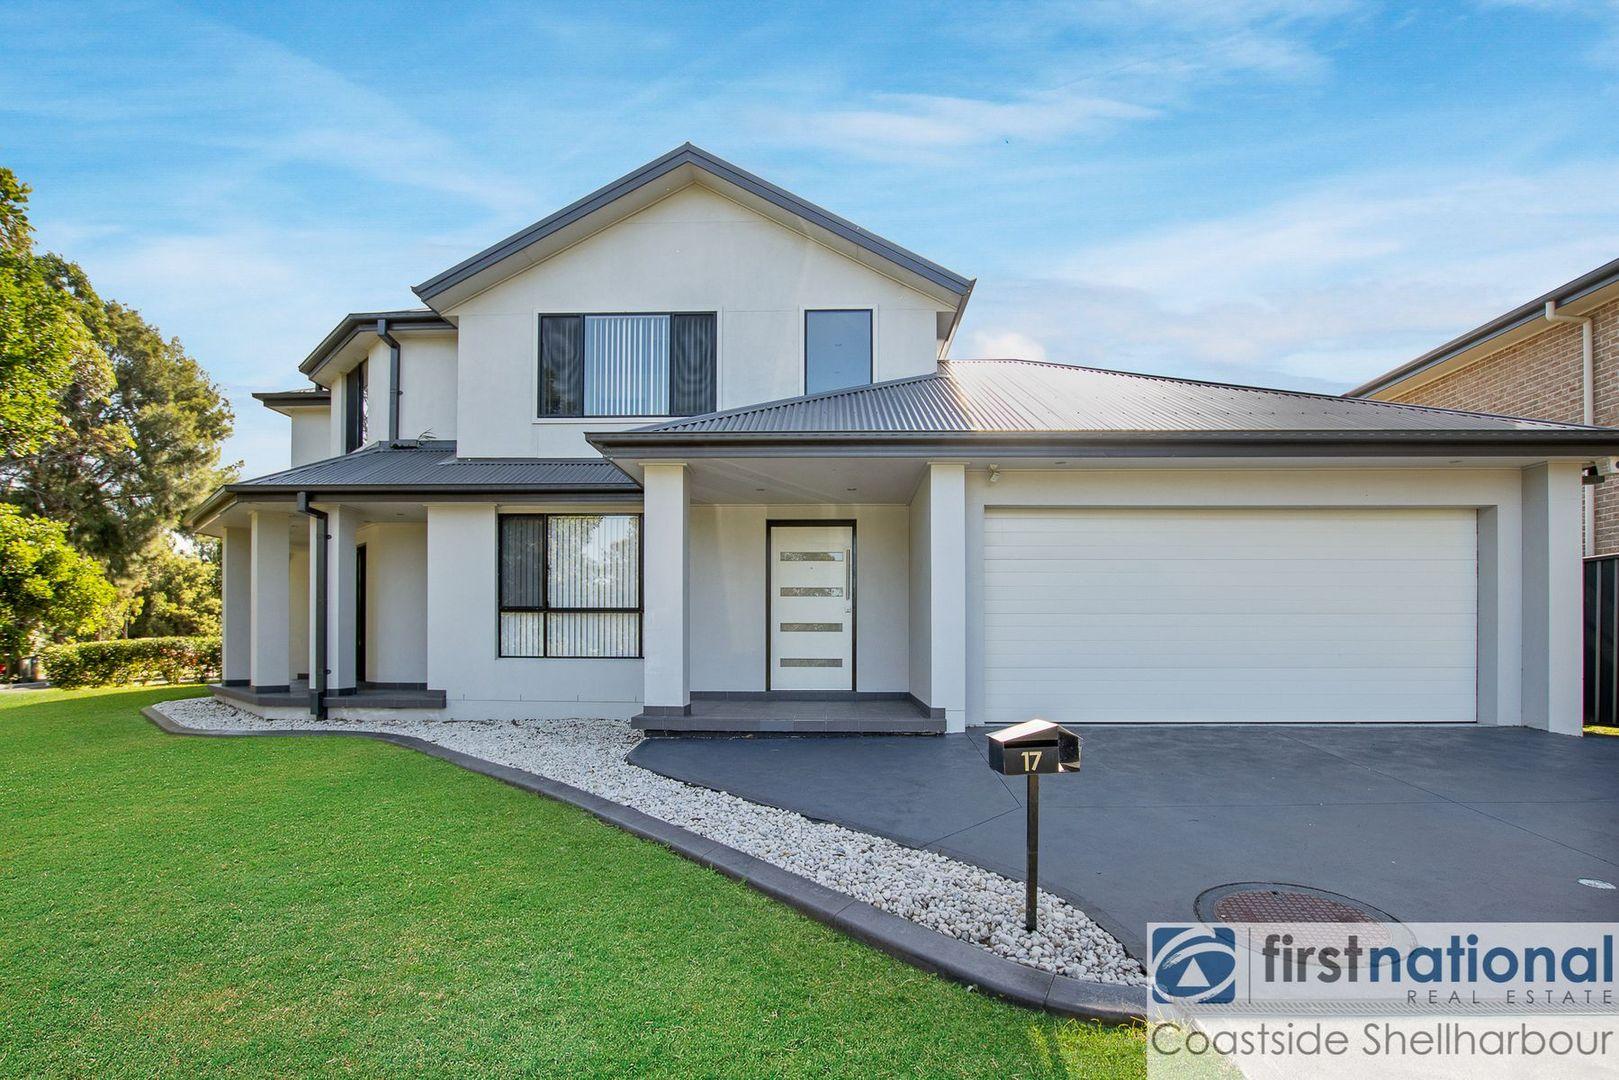 17 Woodburn Terrace, Flinders NSW 2529, Image 0